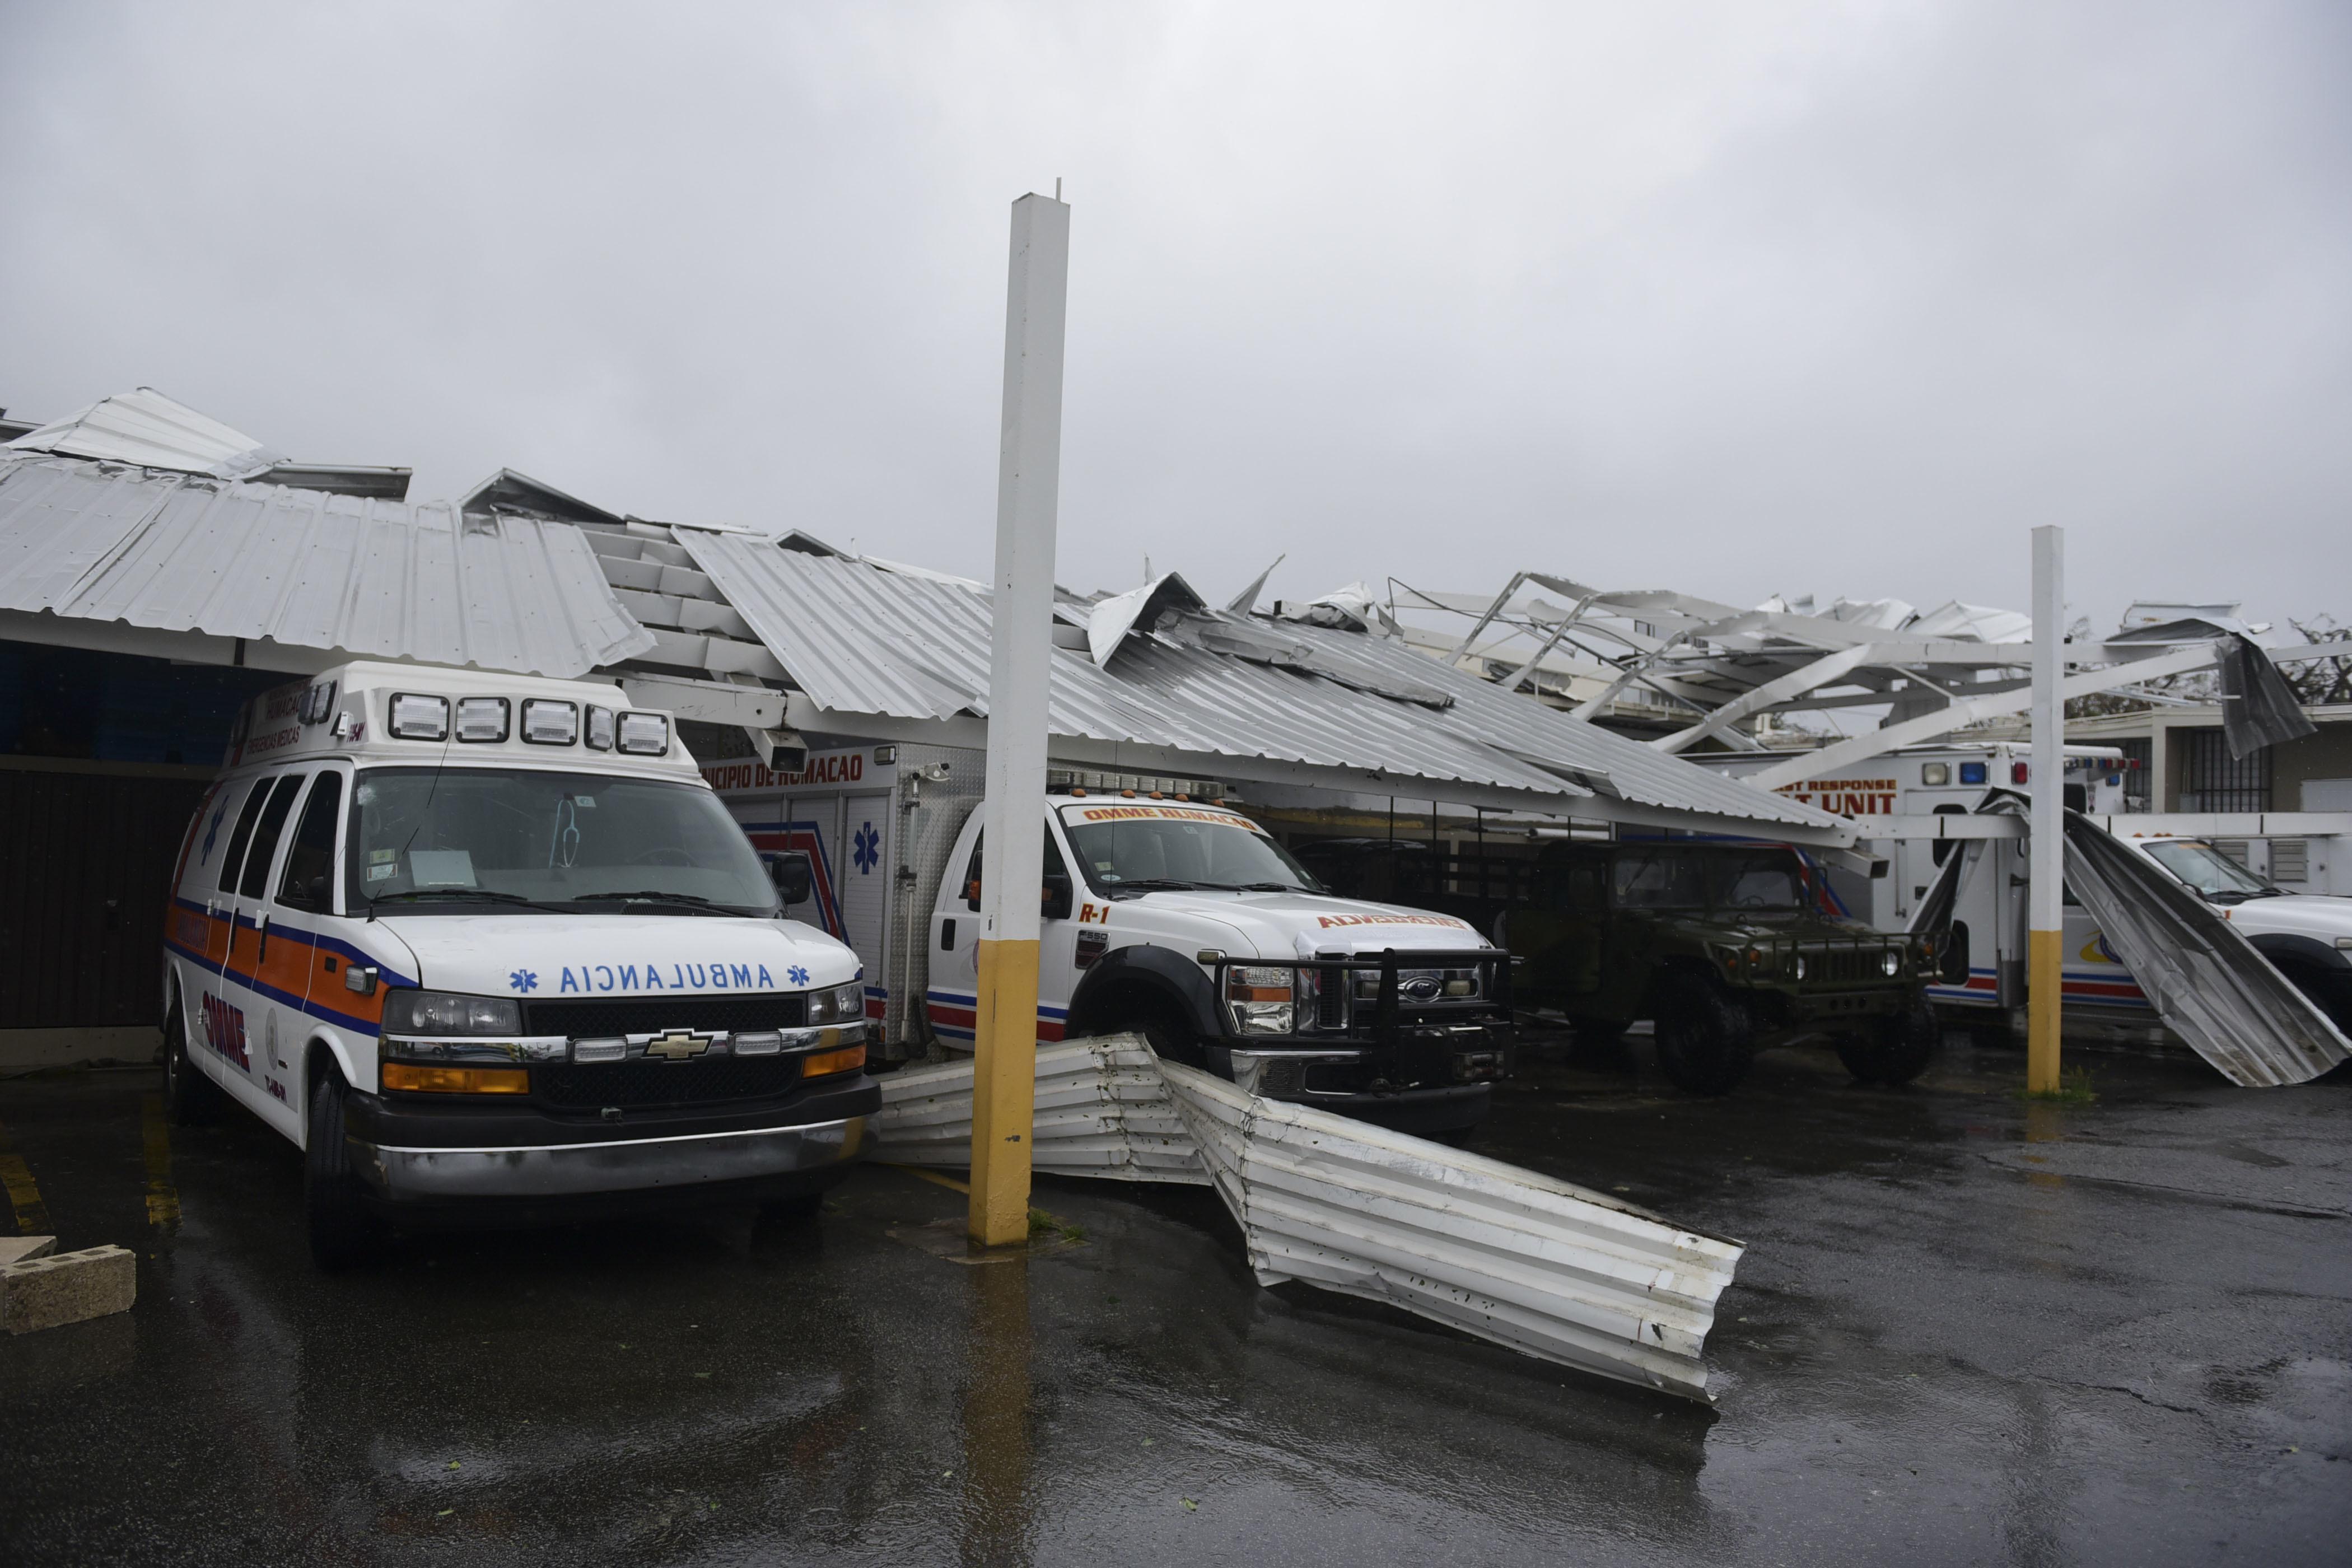 Varios ambulancias quedaron atrapadas luego que el techo de los estacionamientos se cayó por la ferocidad de los vientos producidos por María. (AP Photo/Carlos Giusti)